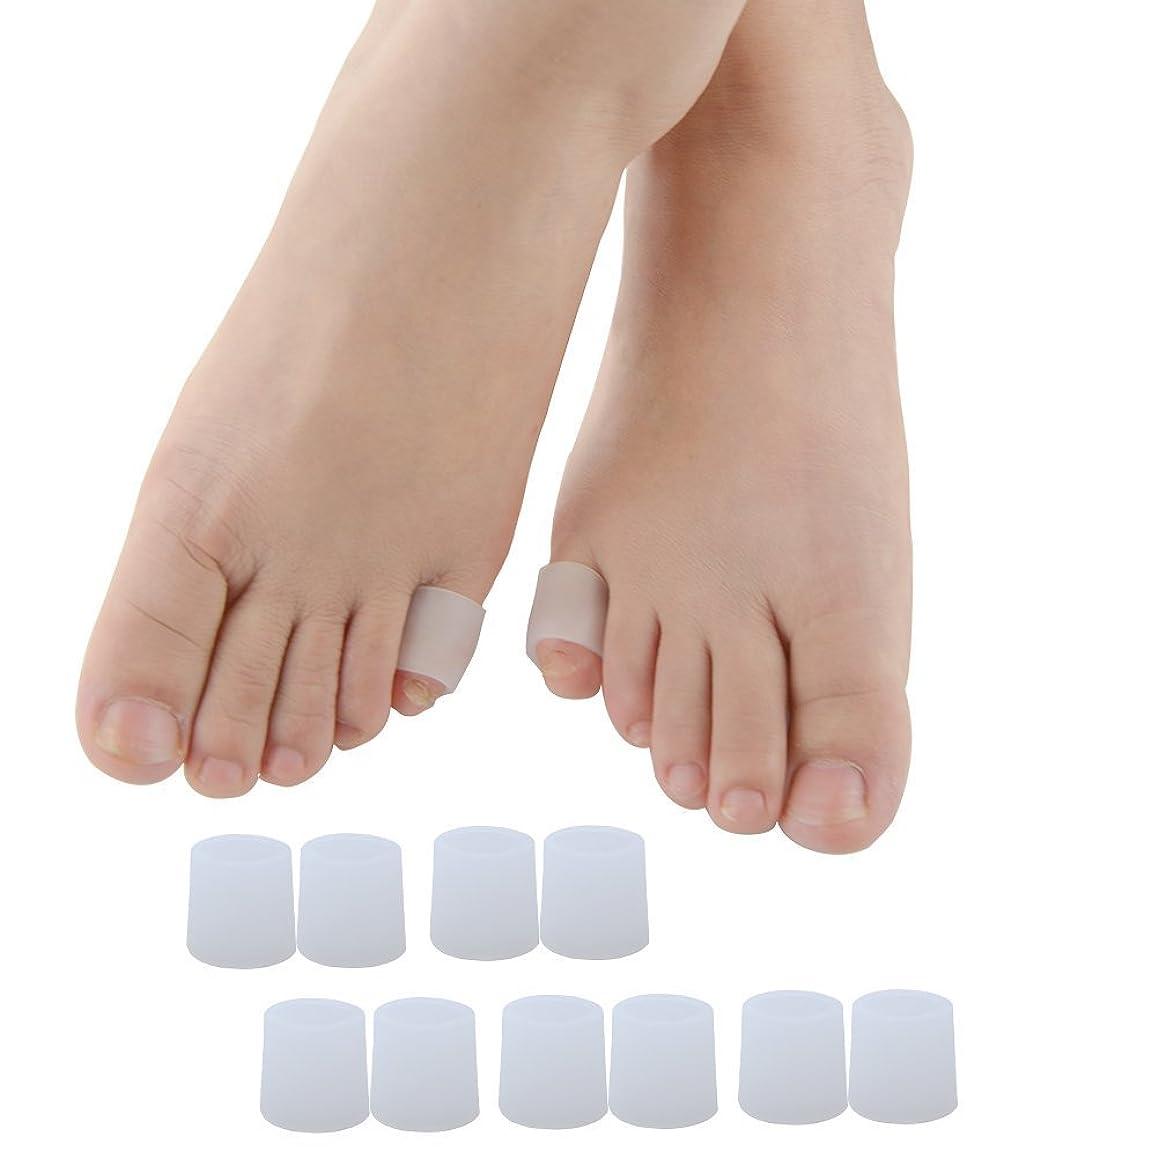 地味な評議会愛情Povihome 足指 足爪 保護キャップ 小指 5ペア,足の小指保護, 白い 足 指 キャップ